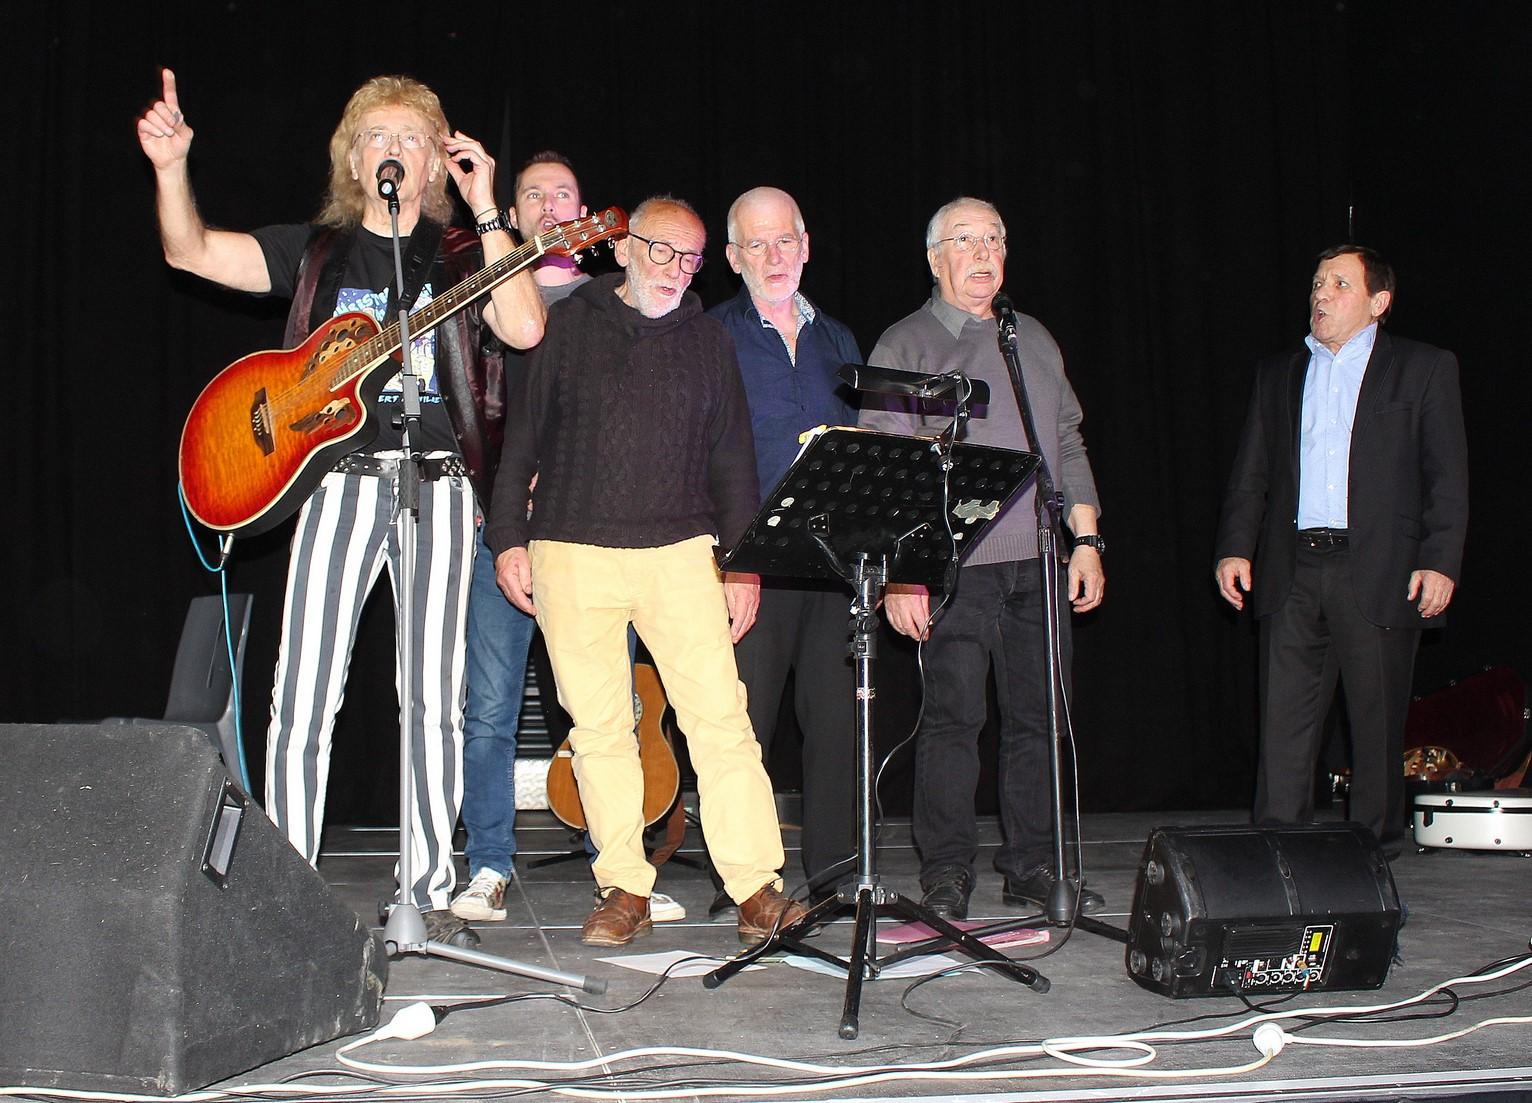 De gauche à droite : Christian ALMERGE, JOANDA, Claude Marti, Eric FRAJ, MANS DE BREISH, Guy SIE (Maire de Fleury)